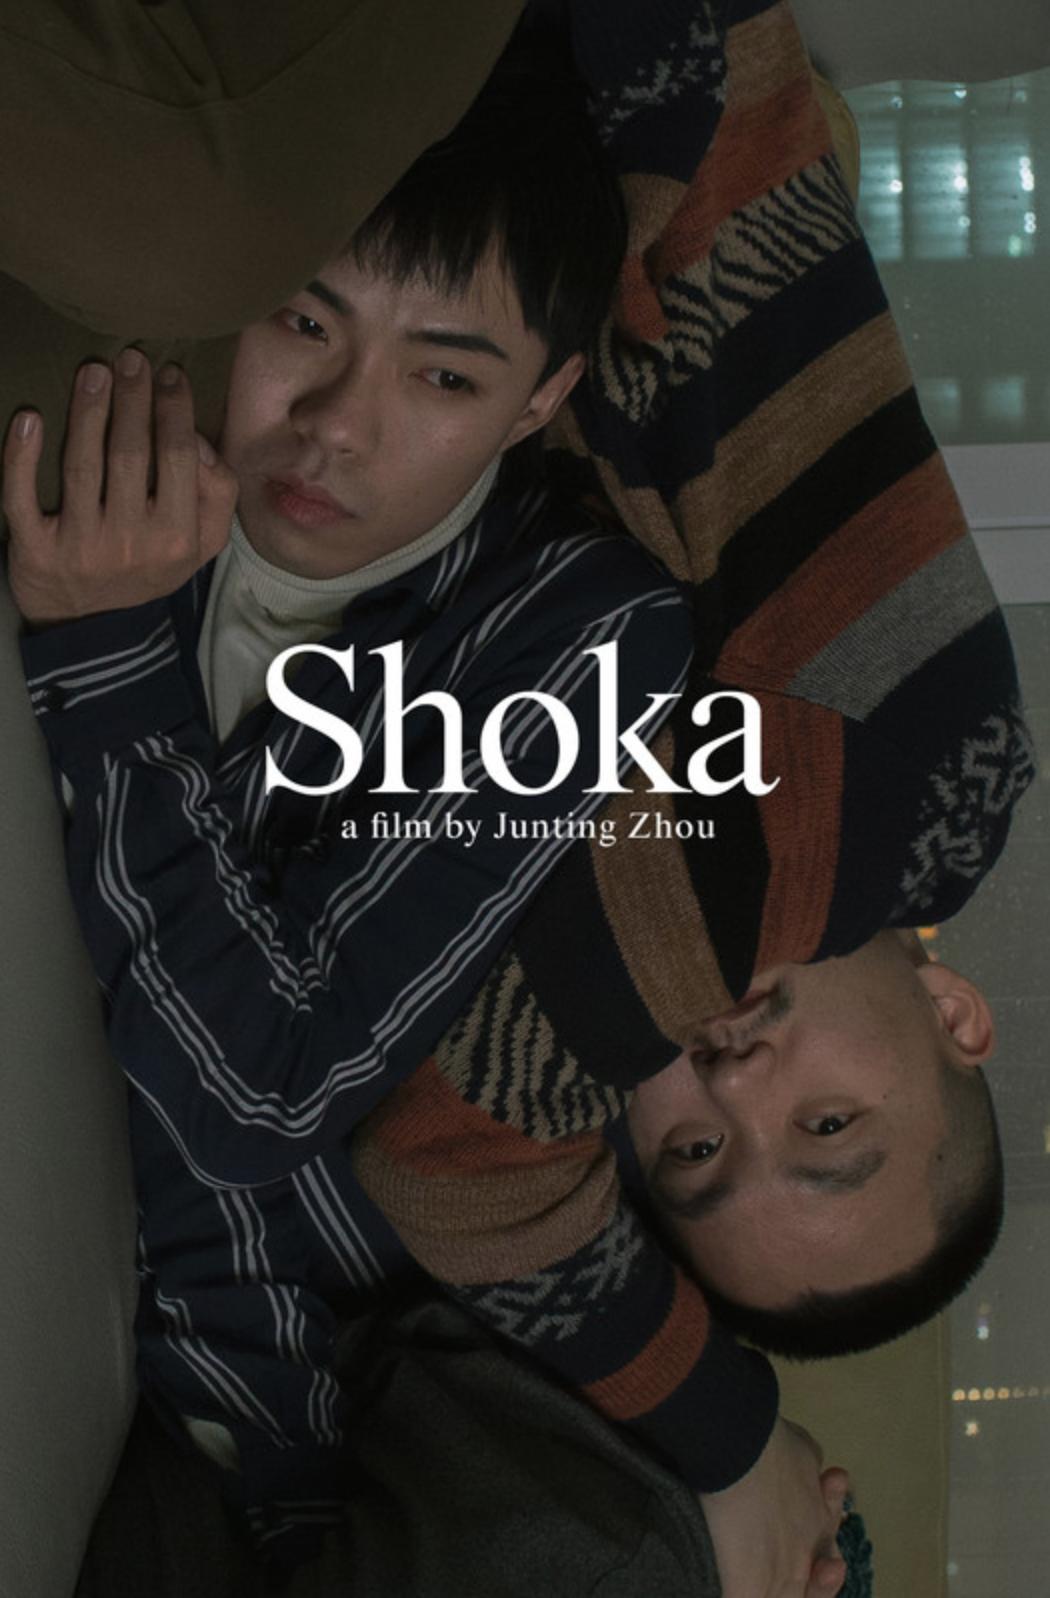 shoka_poster.png